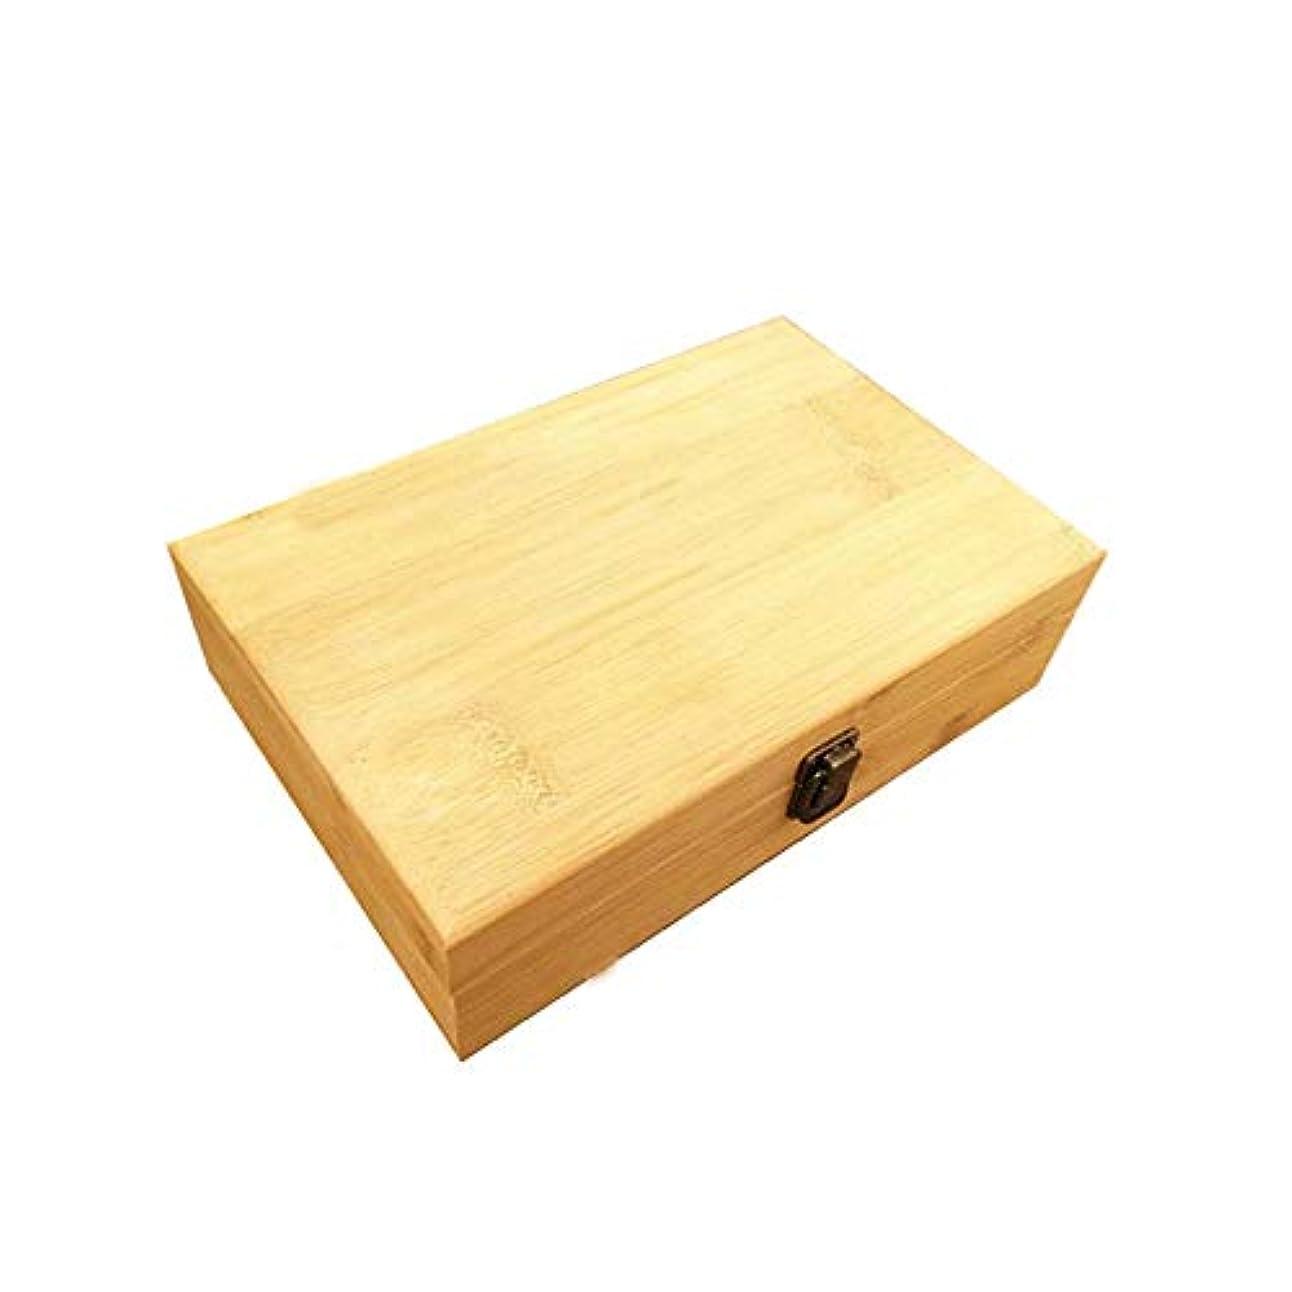 独立してアスペクト展示会精油ケース 40スロットエッセンシャルオイルボックス木製収納ケースは、40本のボトルエッセンシャルオイルスペースセーバーの開催します 携帯便利 (色 : Natural, サイズ : 29X18.5X8CM)